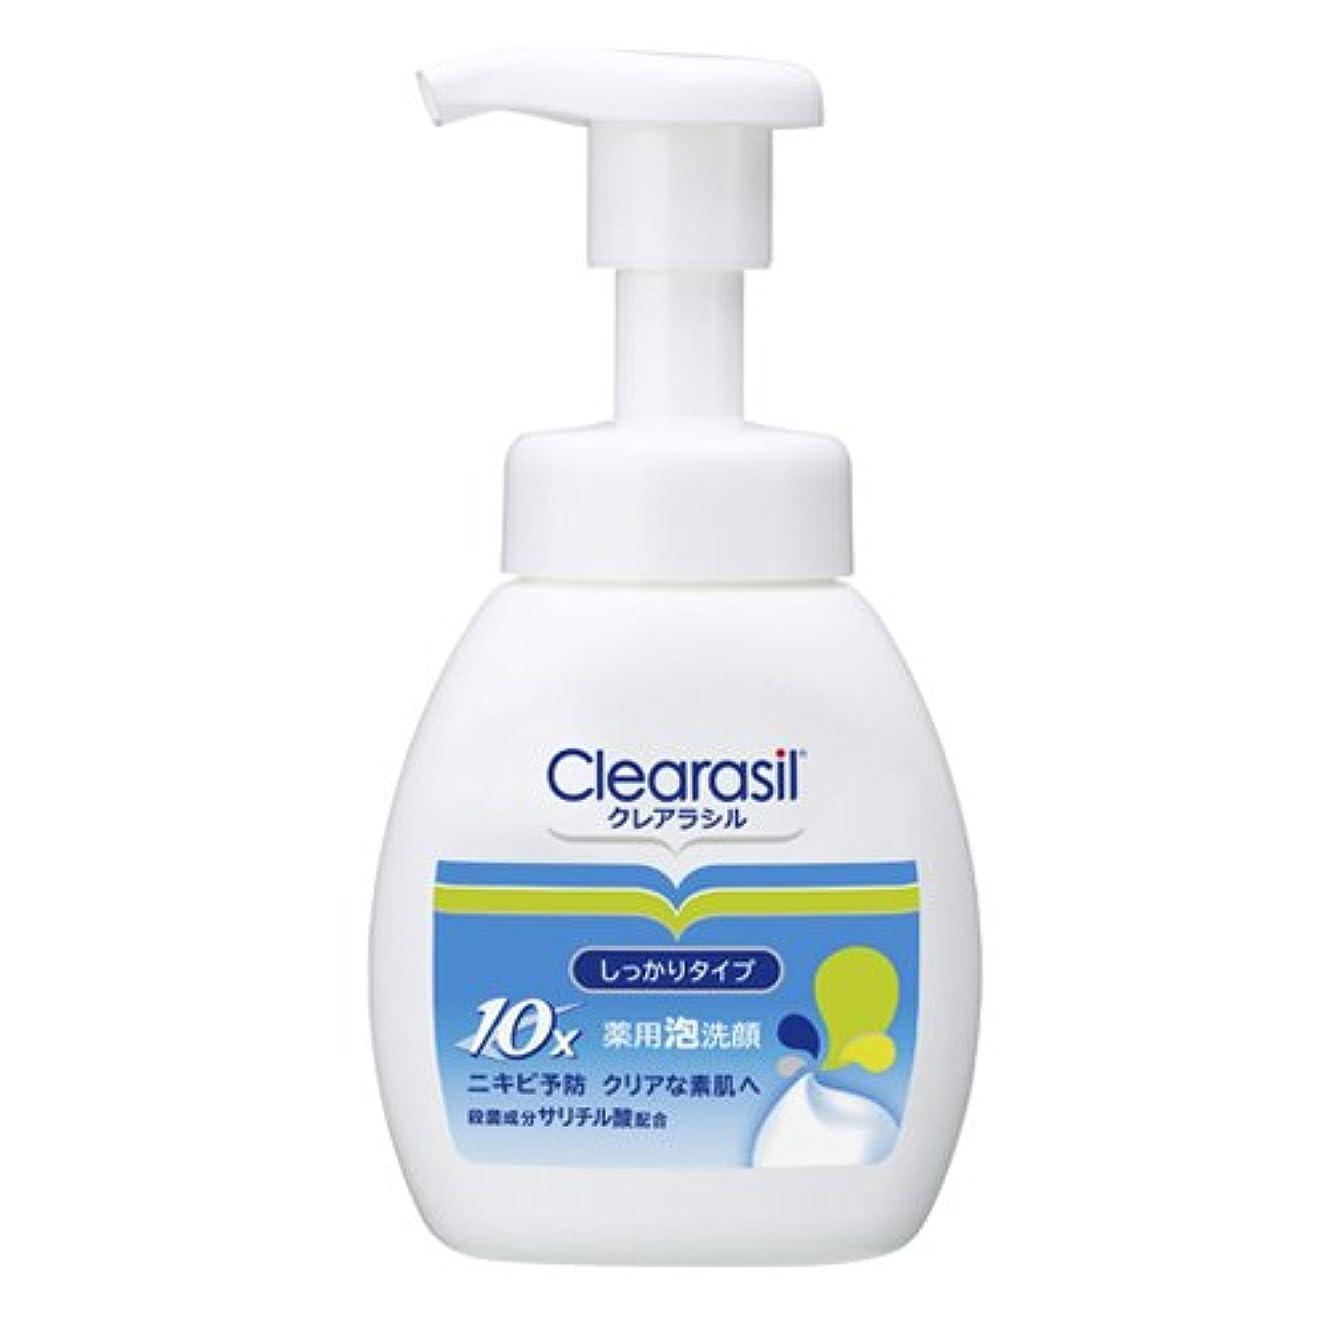 ドラゴン花火誰でも【clearasil】クレアラシル 薬用泡洗顔フォーム10 (200ml)